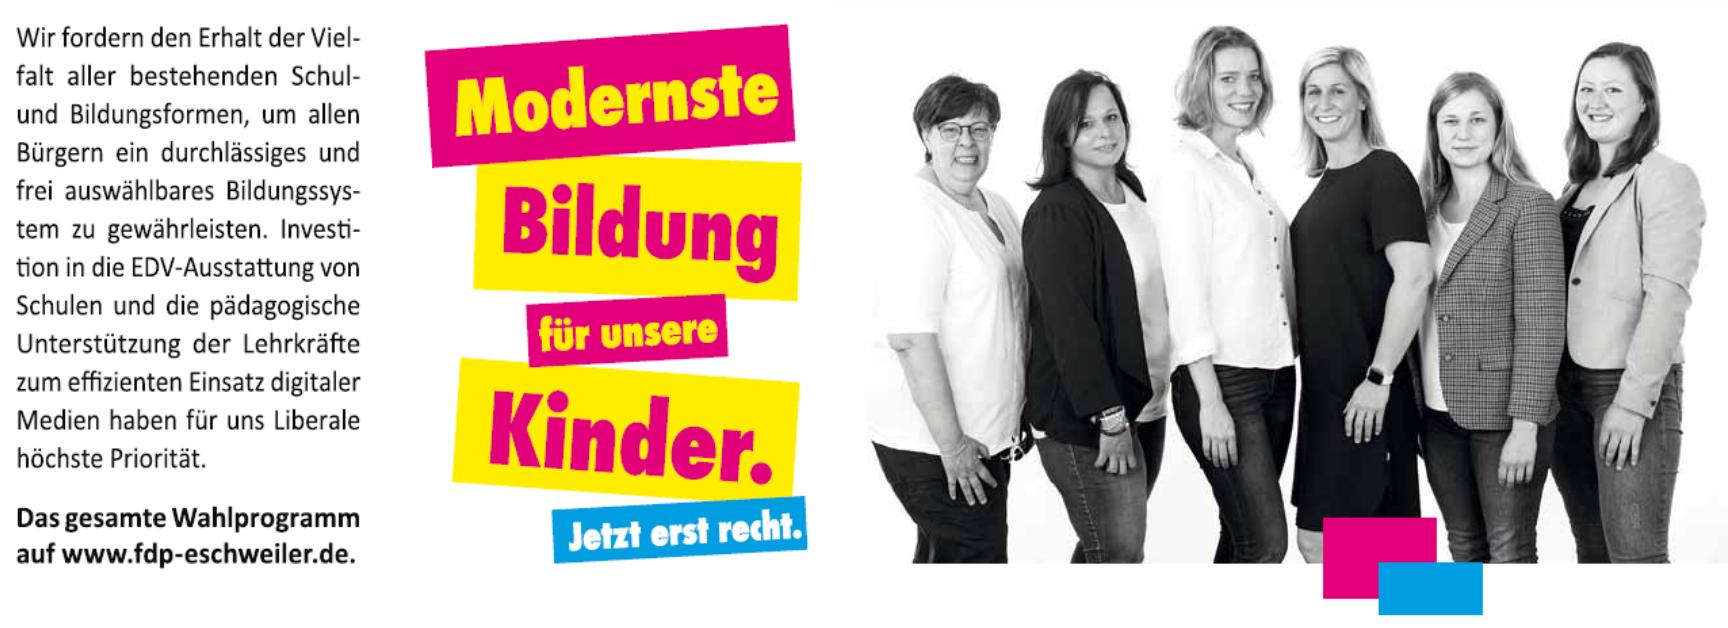 FDP Eschweiler: Modernste Bildung für unsere Kinder